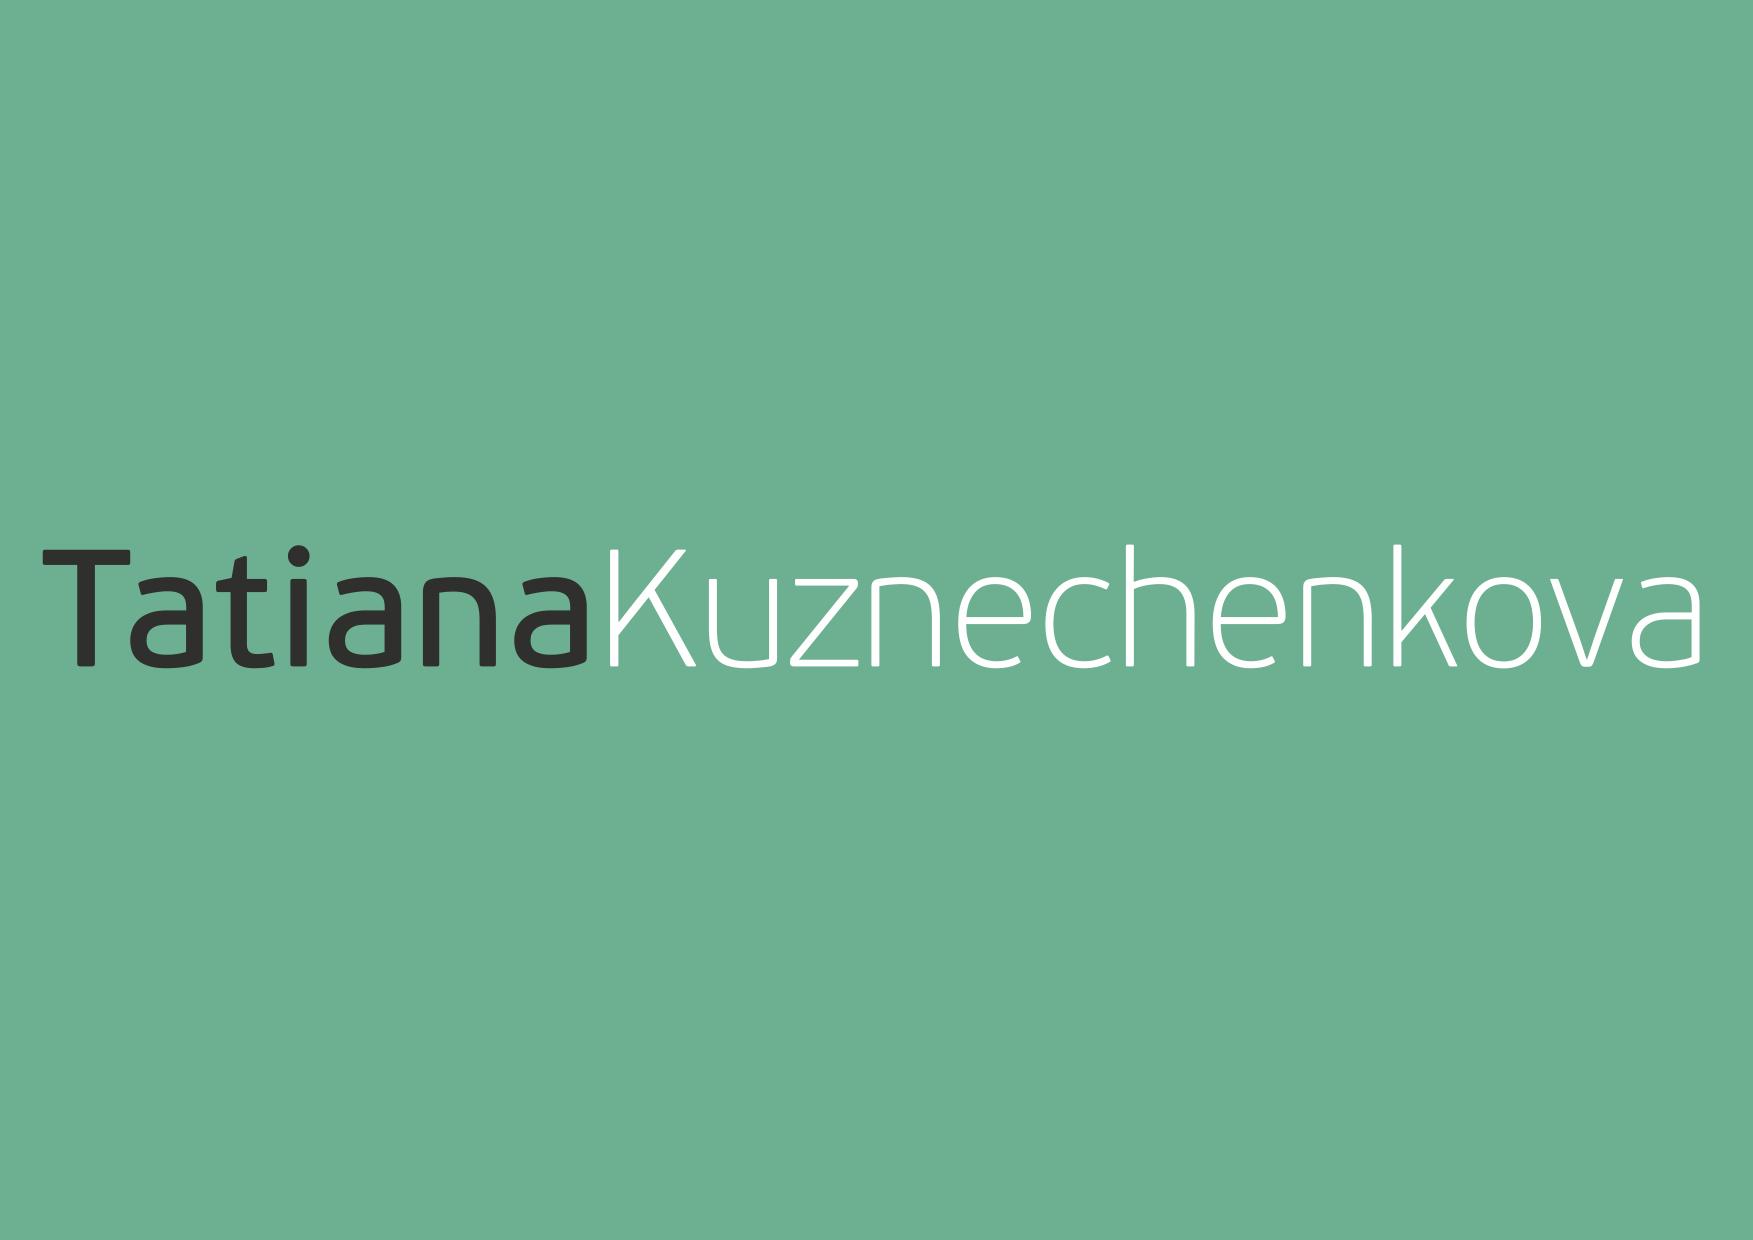 Tatiana-Kuznechenkova-Logo-03-Green